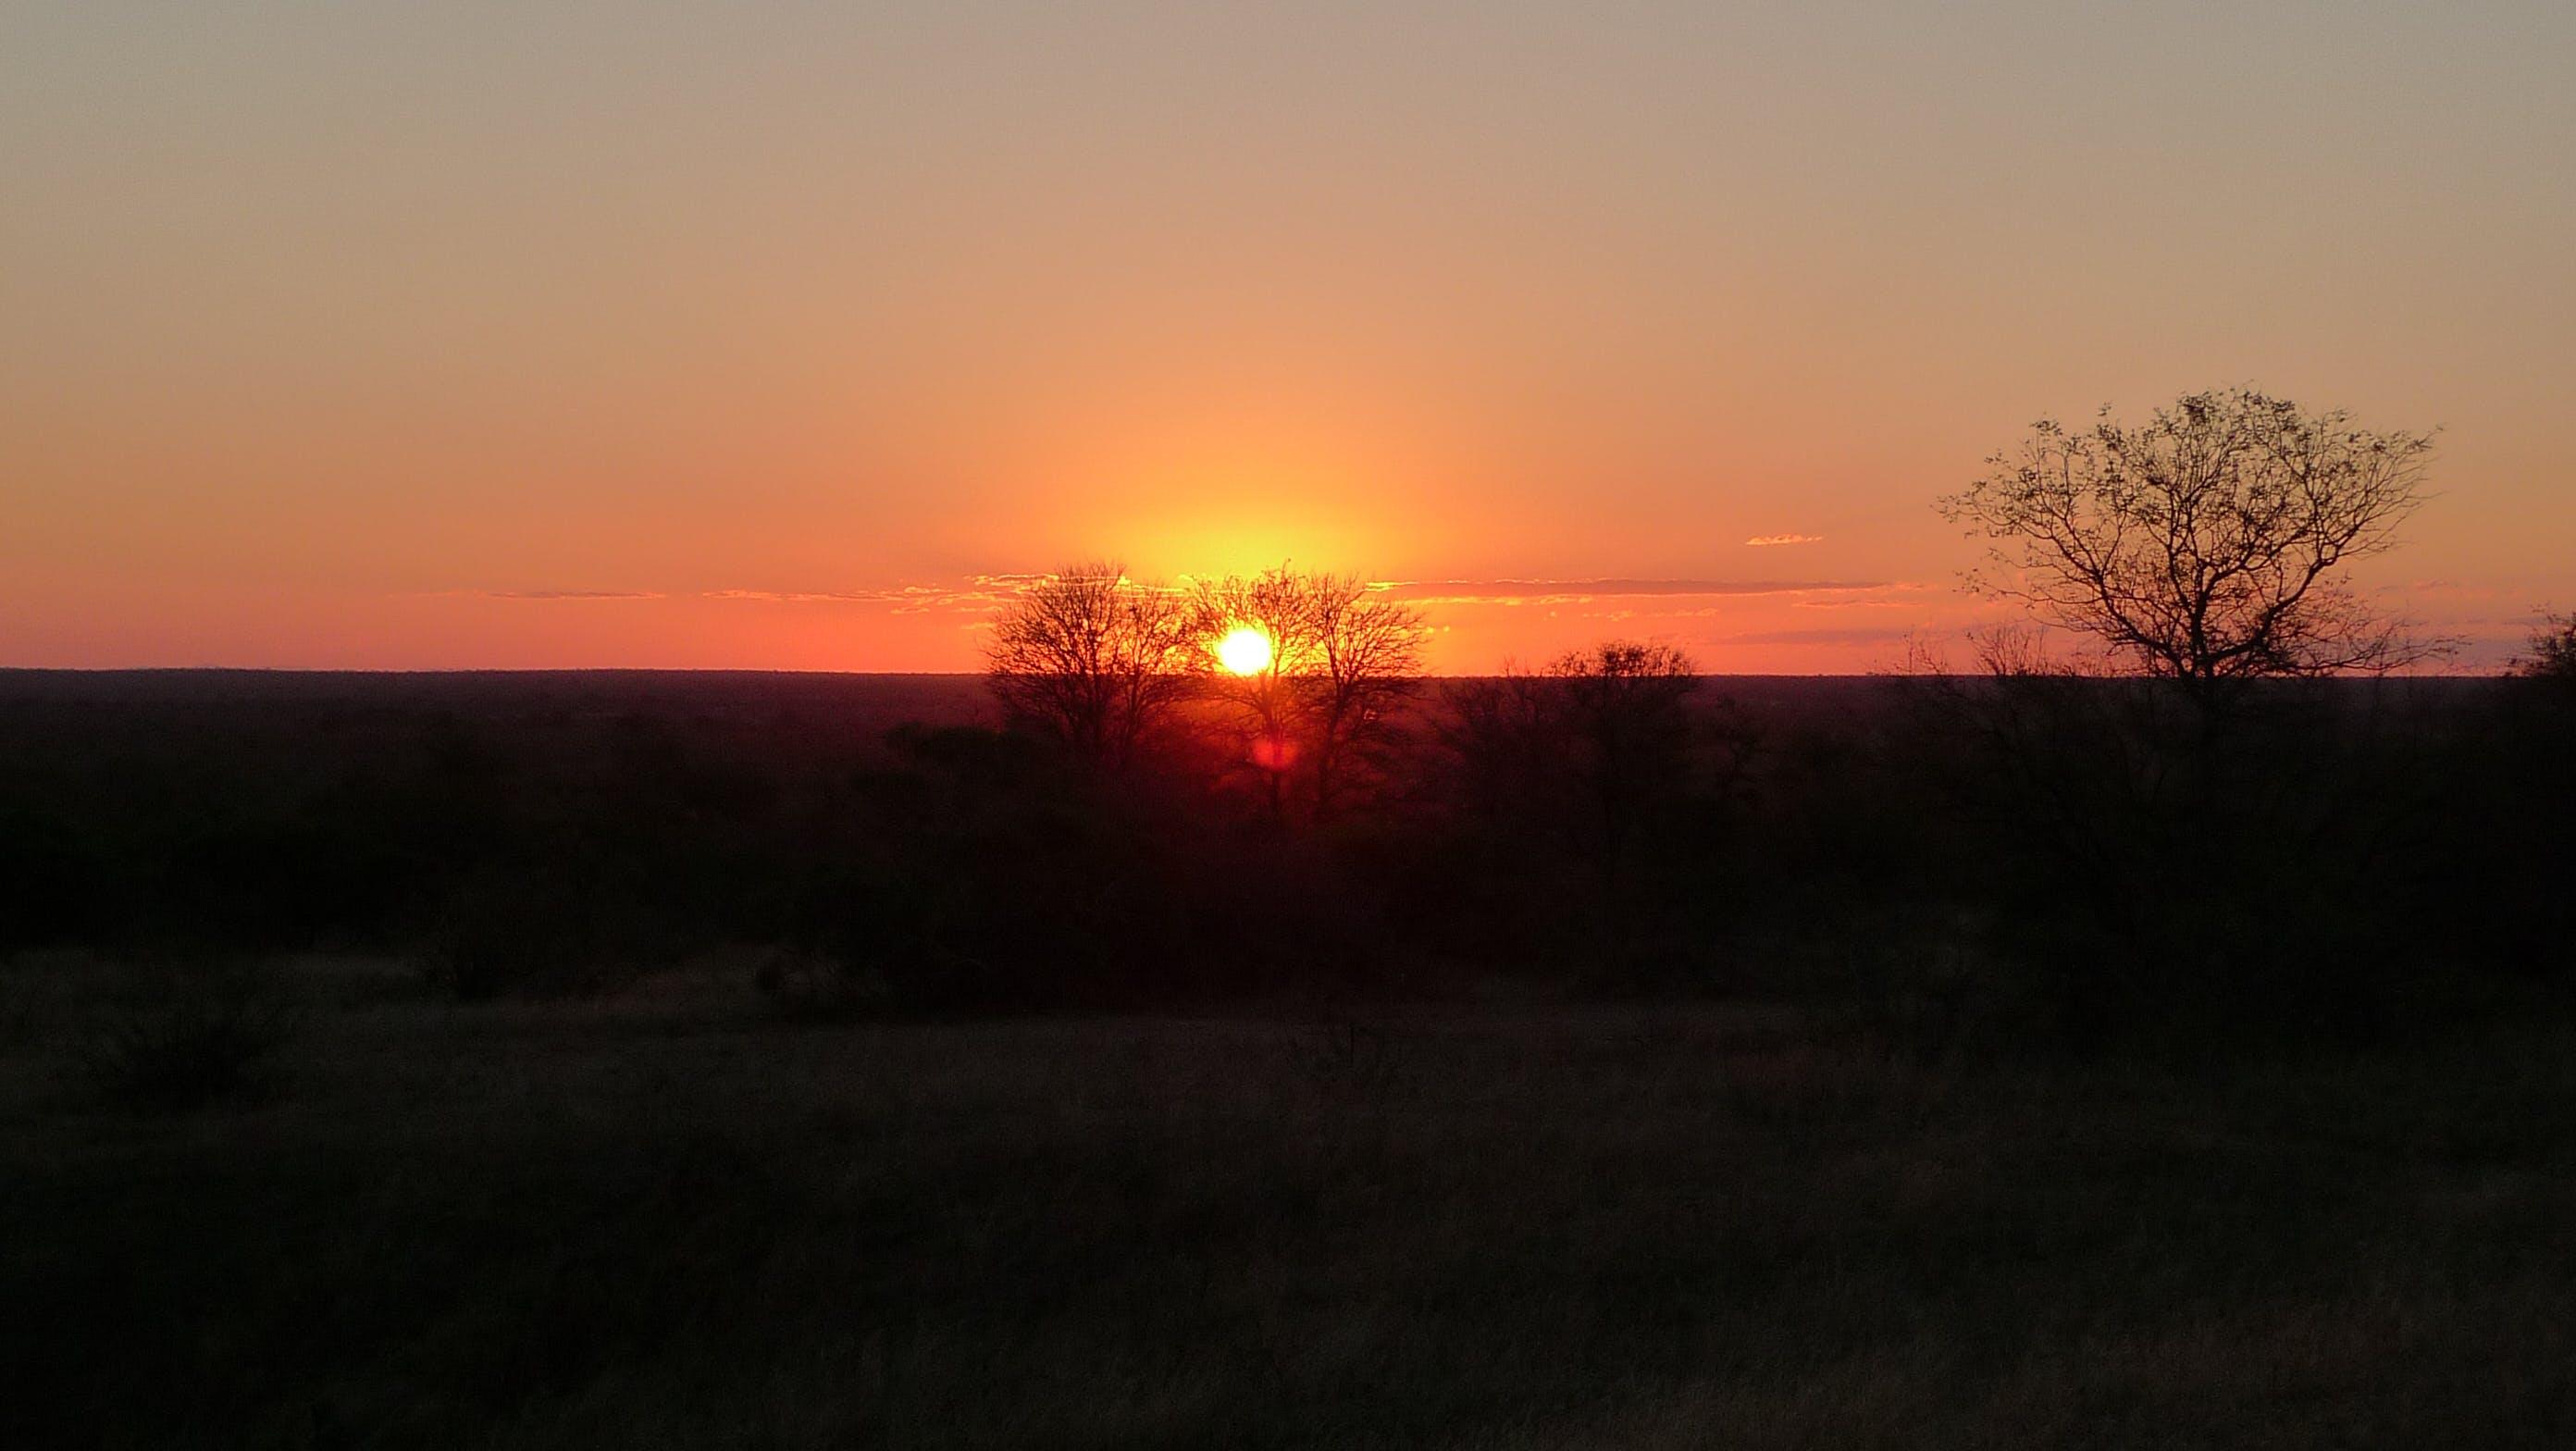 Δωρεάν στοκ φωτογραφιών με απόγευμα, αυγή, γραφικός, δέντρα